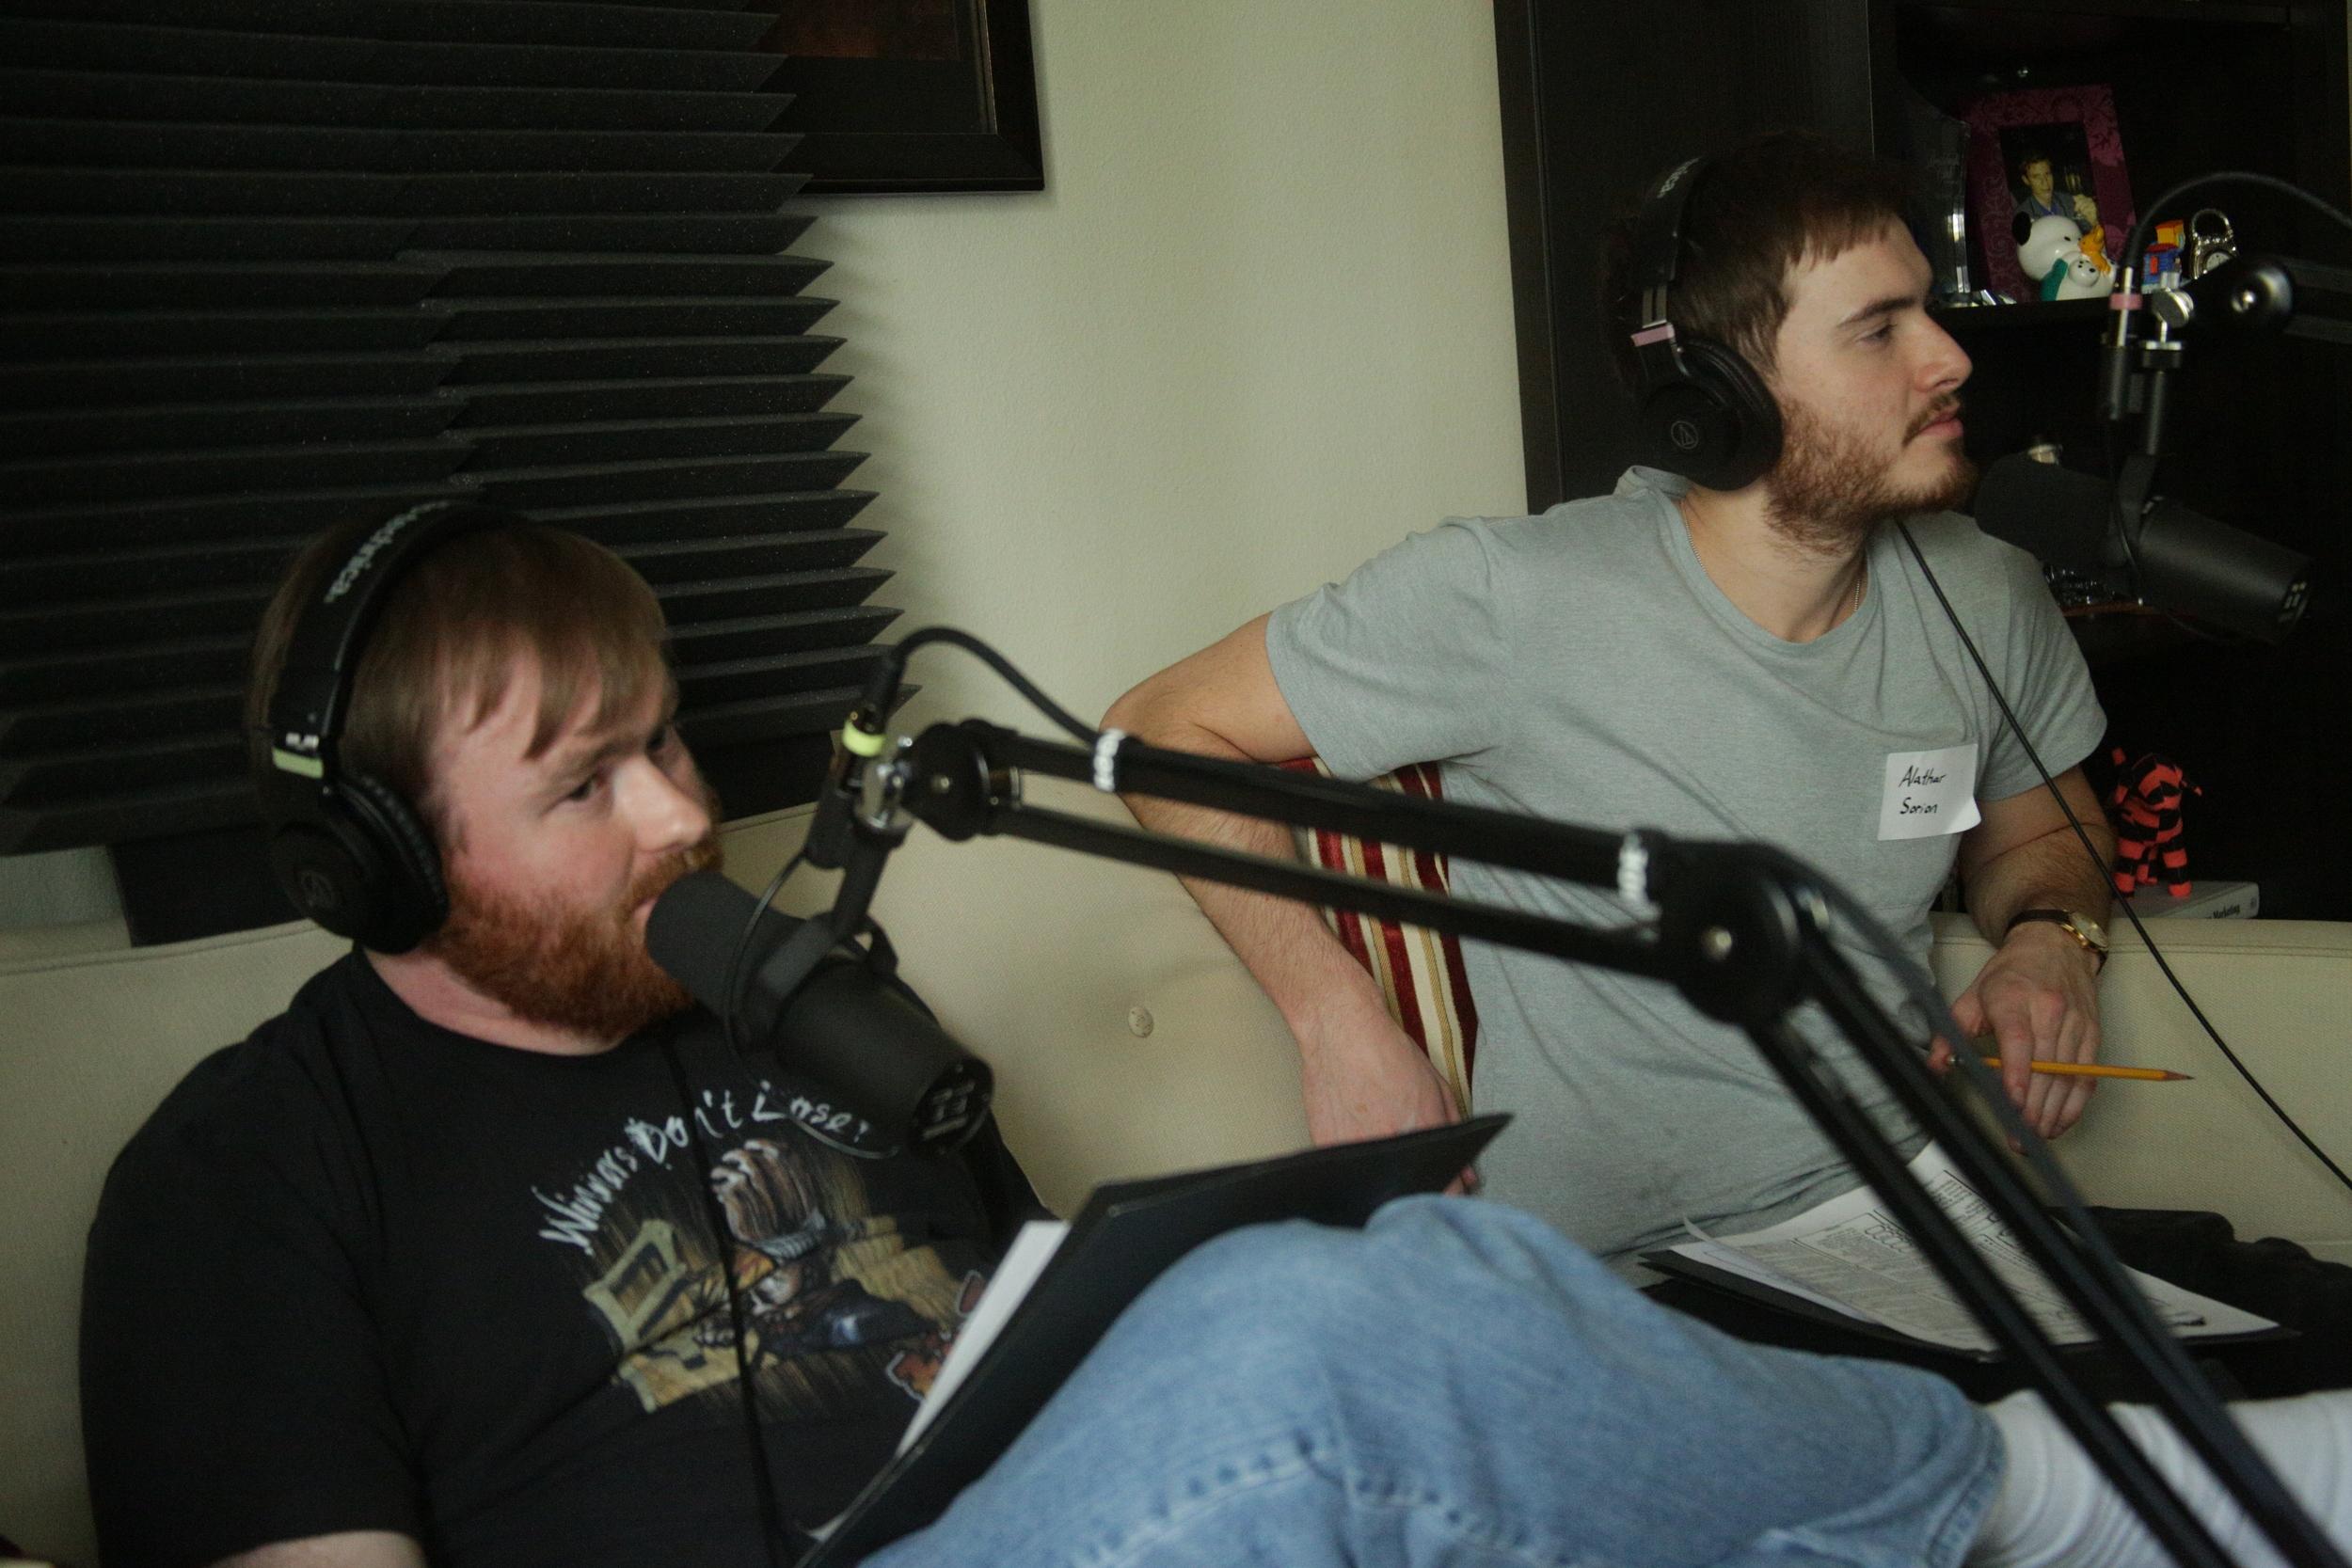 Sweeney (Mike Christensen) & Alathar (Matt Kane)